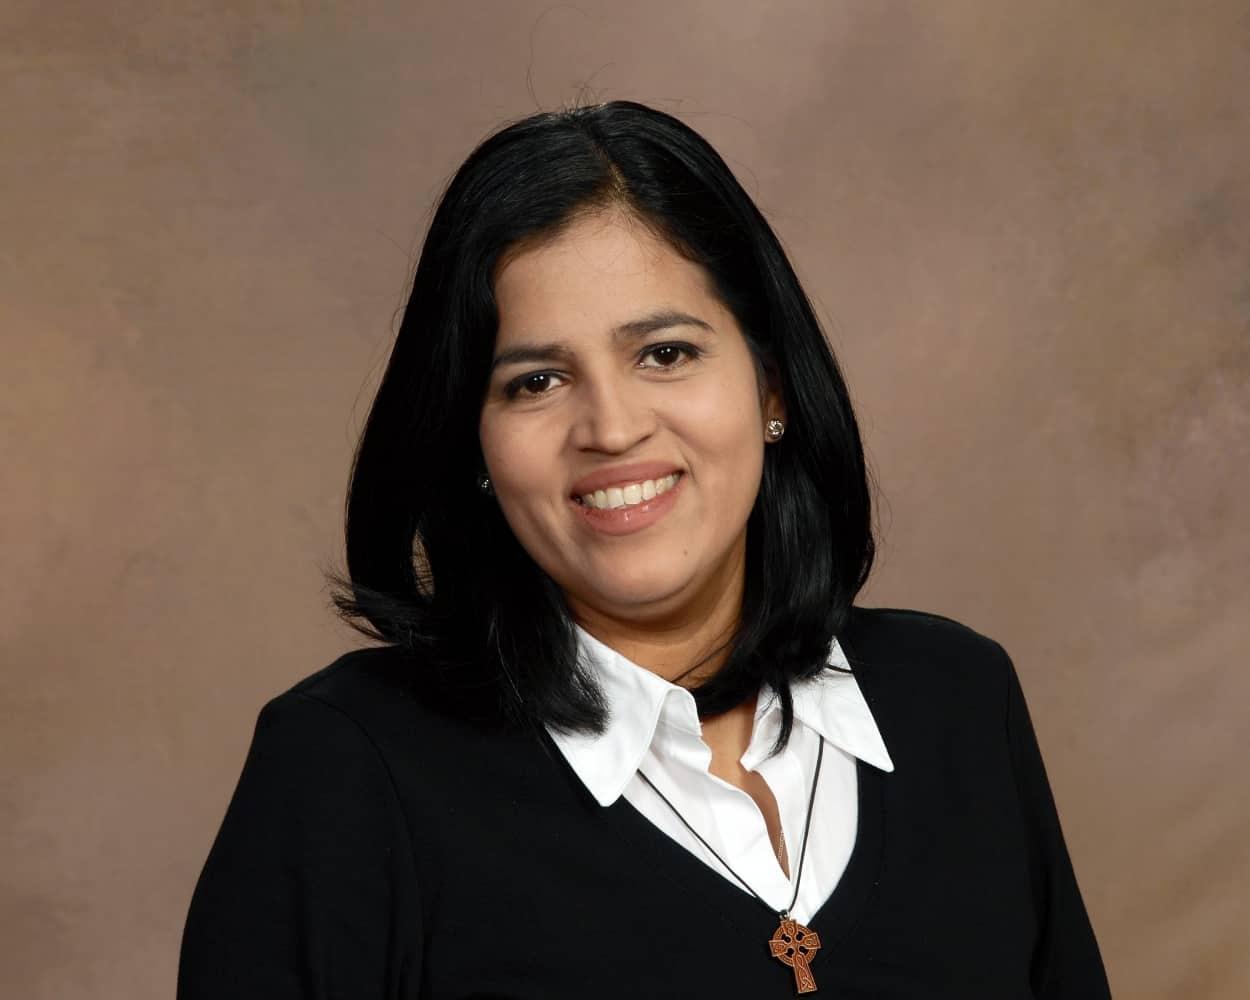 Ana Maria Aguirre